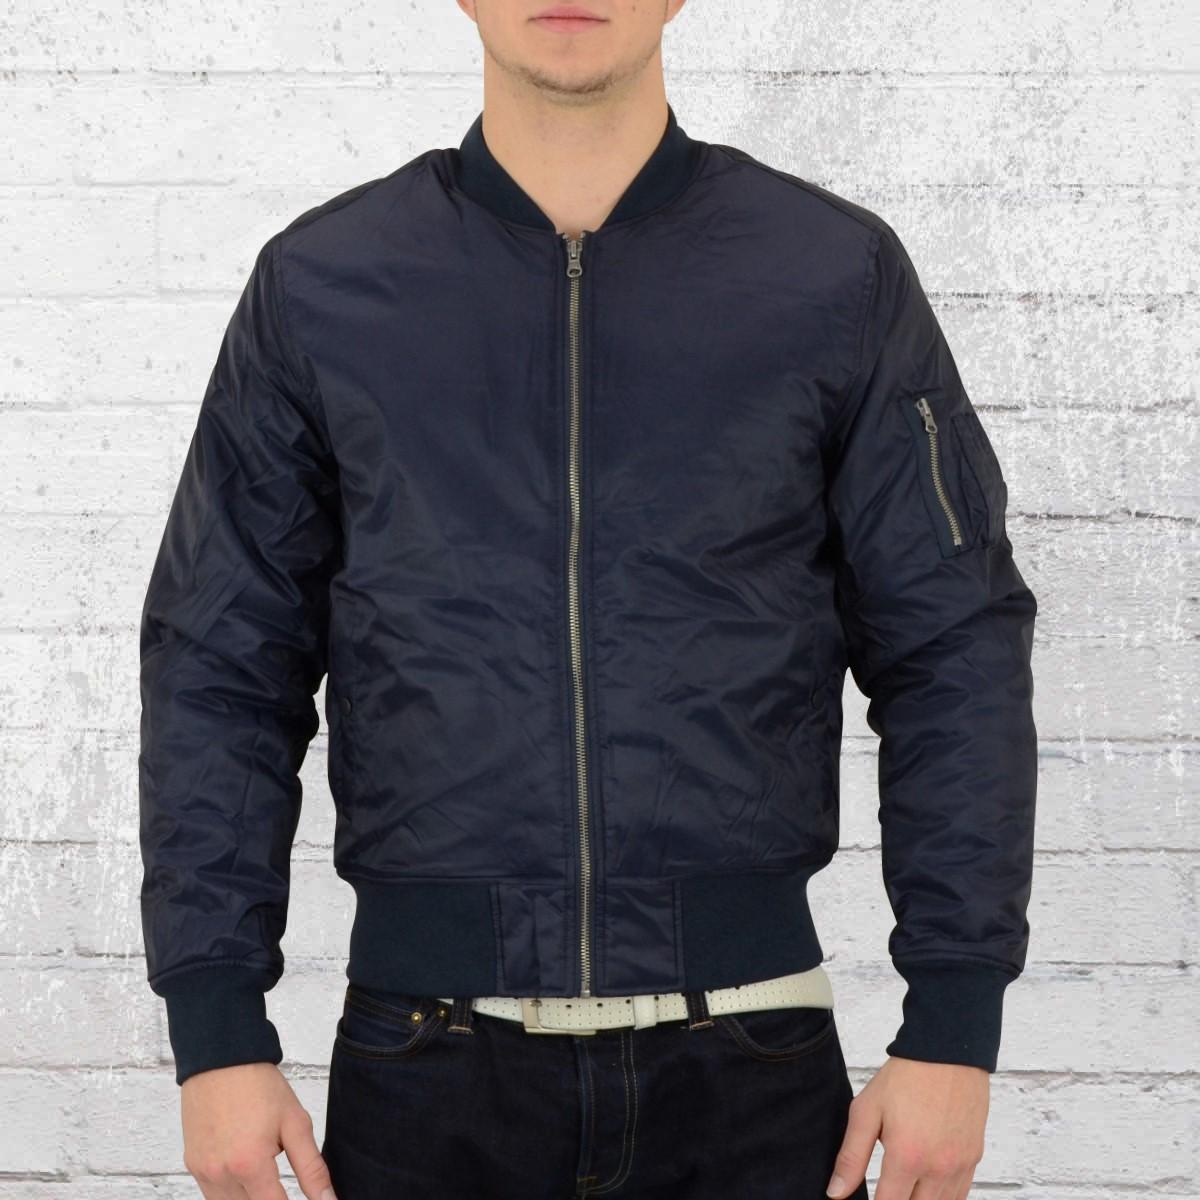 7f790fb4639b11 Order now | Urban Classics Male Classic Bomber Jacket dark blue